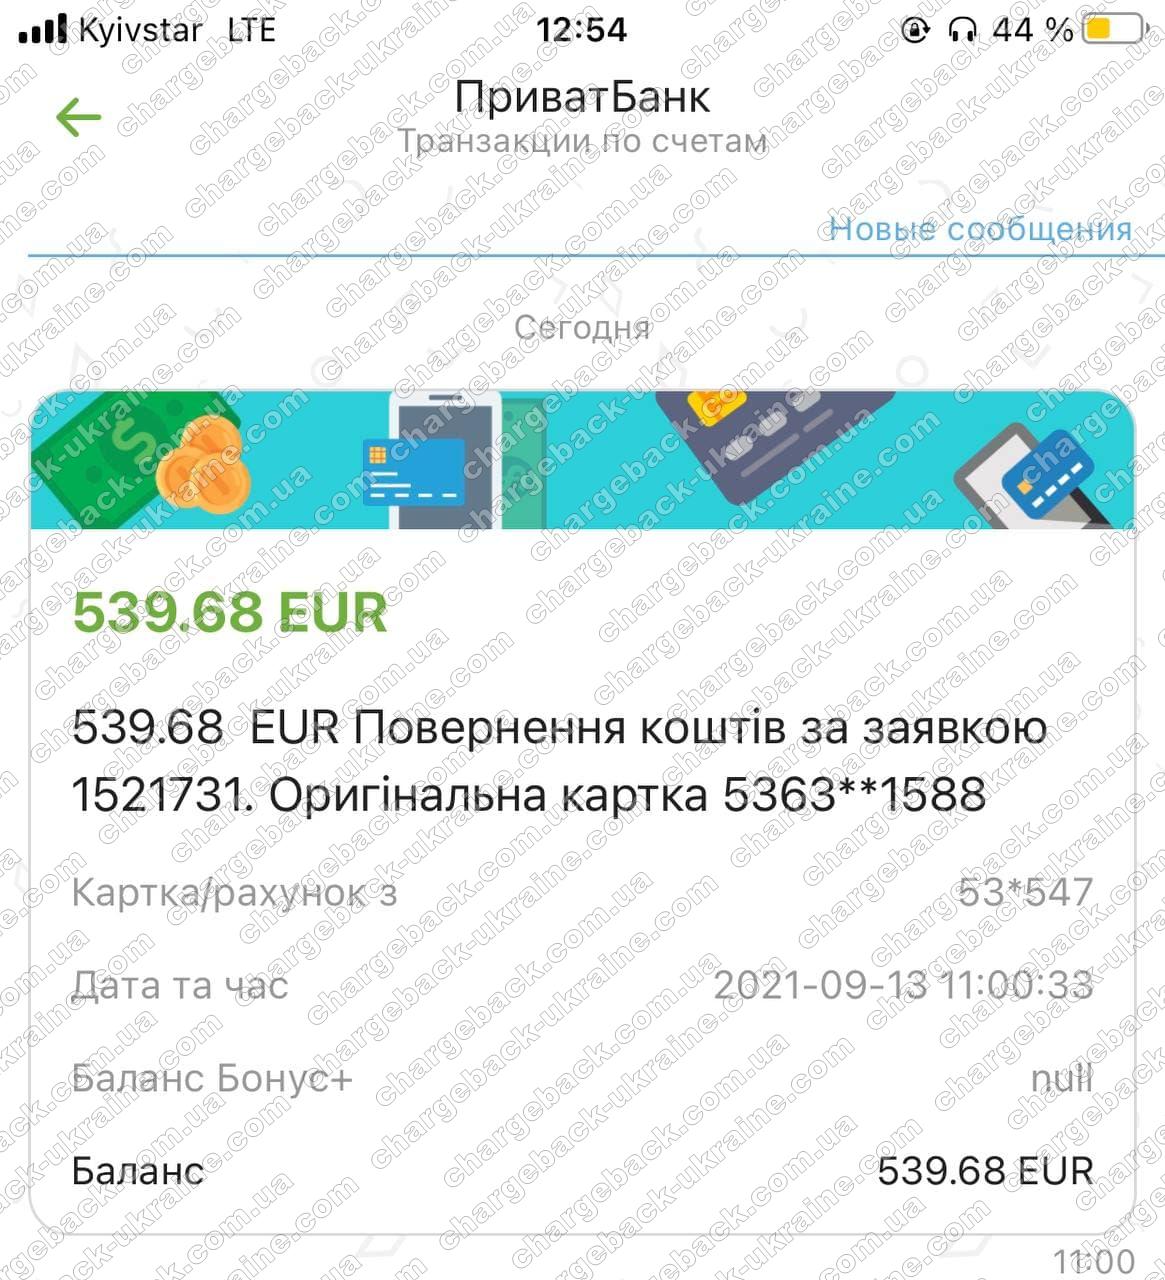 13.09.2021 возврат (chargeback) из VLOM 539,68 евро